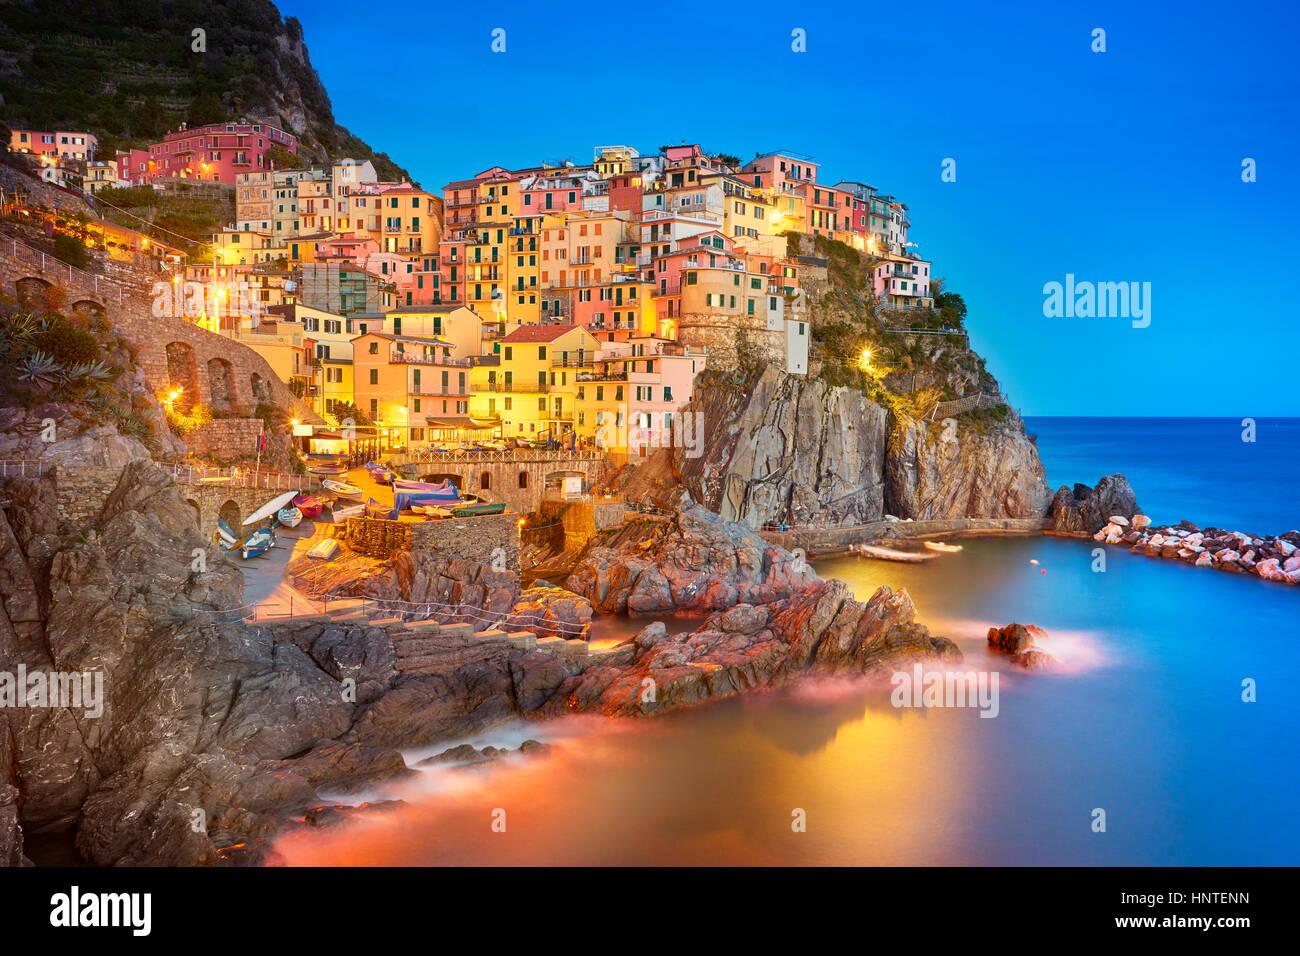 Manarola al tramonto di sera, le Cinque Terre Liguria, Italia Foto Stock